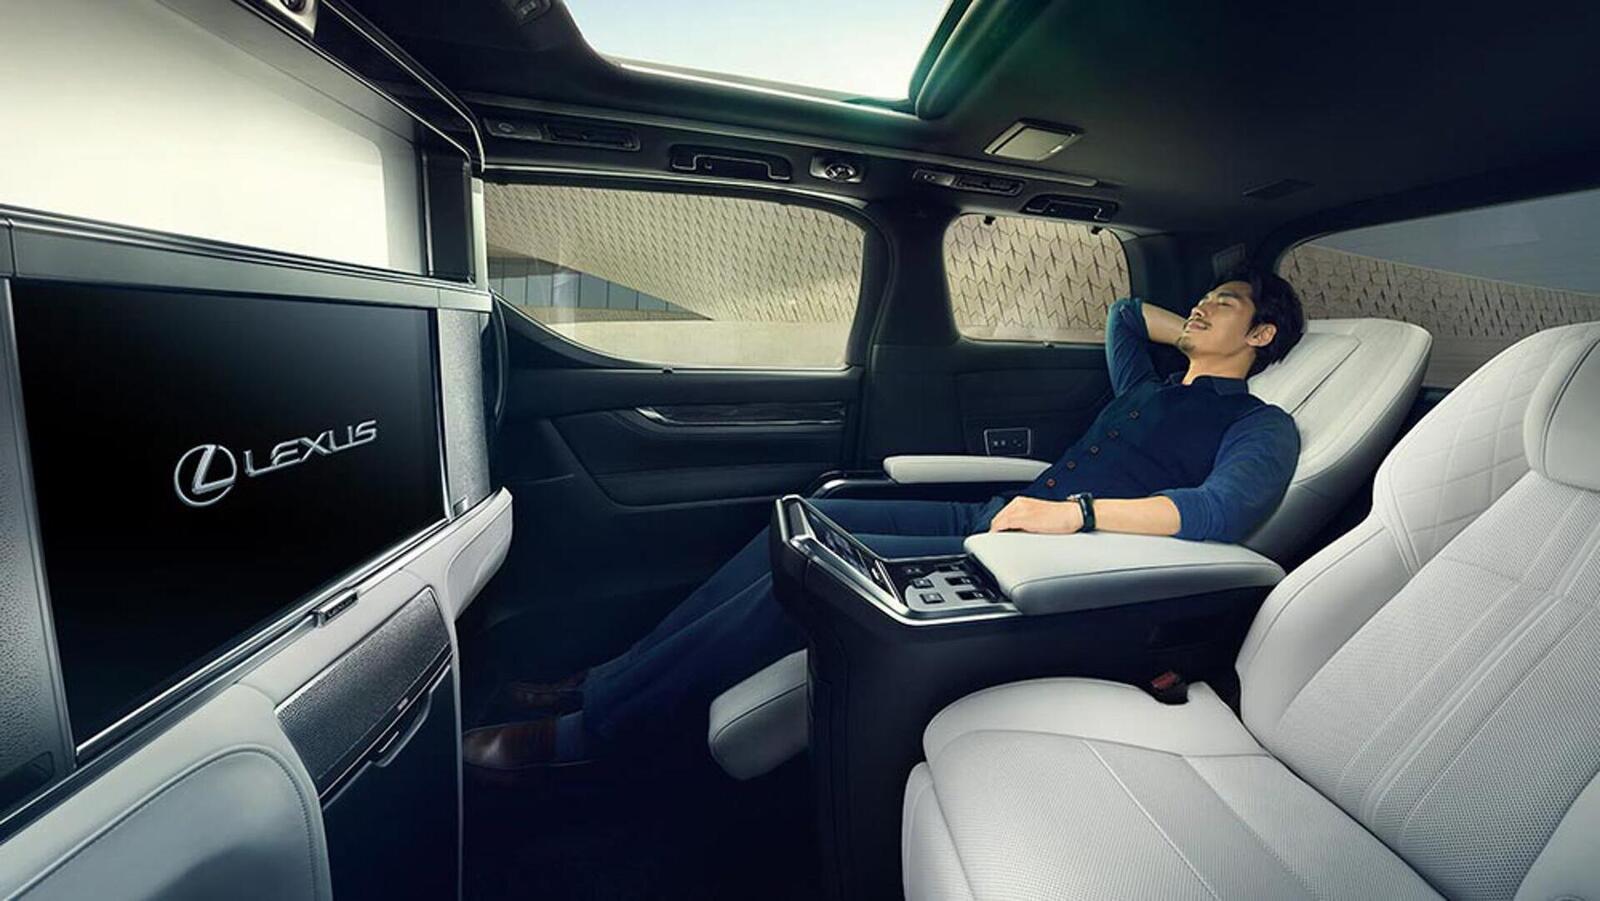 Lexus giới thiệu LM hoàn toàn mới: Chiếc minivan mang đẳng cấp khác biệt so với Toyota Alphard - Hình 5